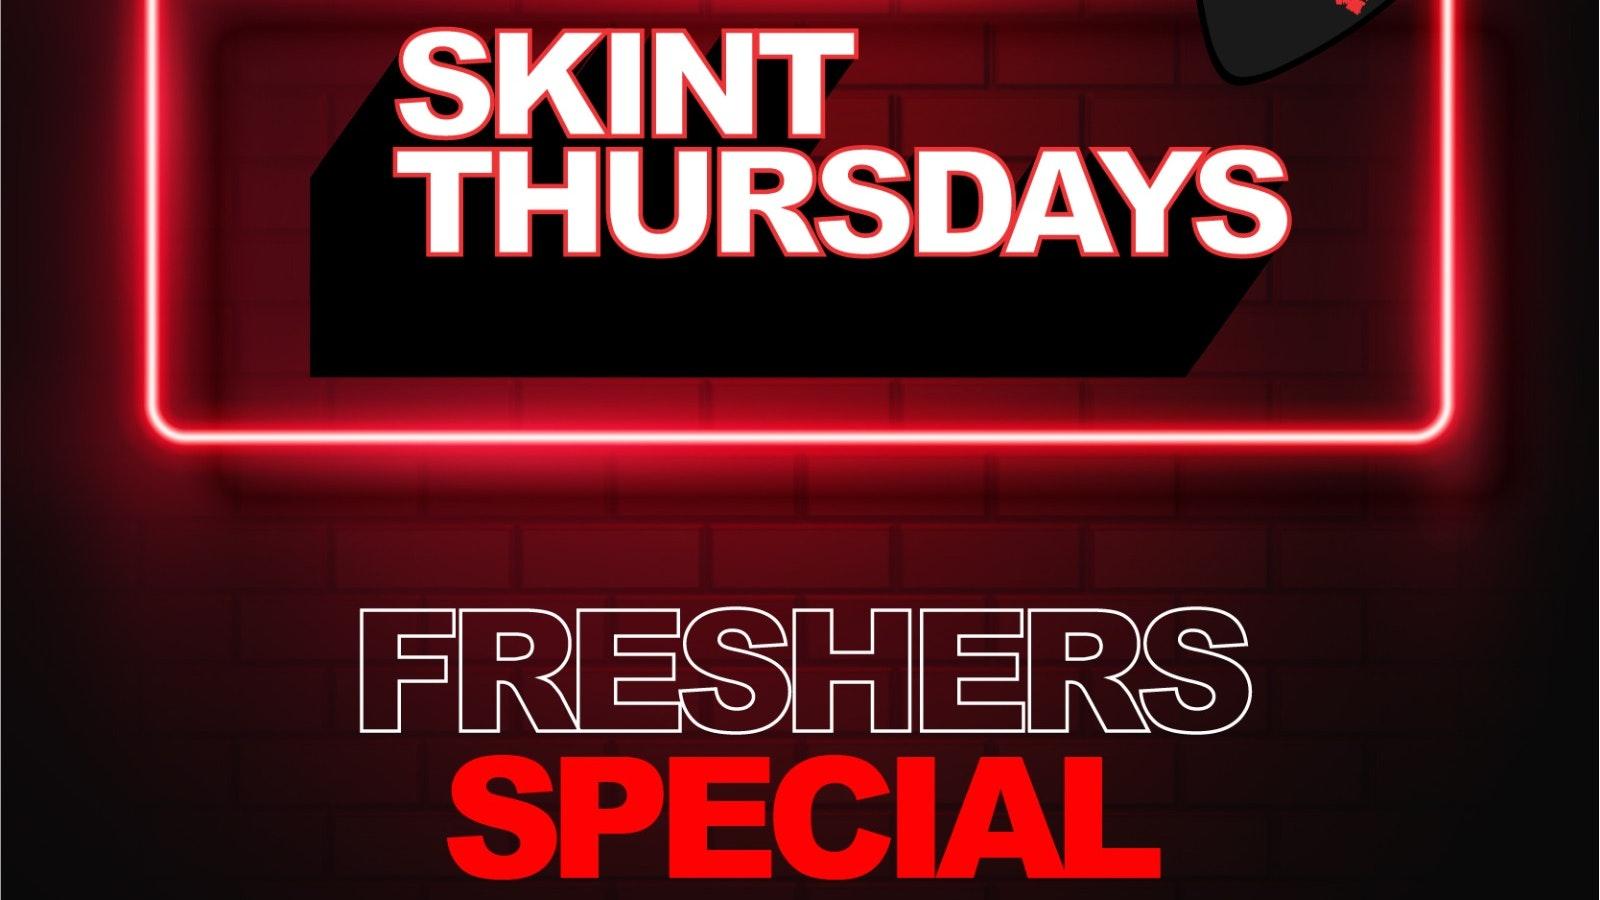 Skint Thursday – Thursday 23rd September